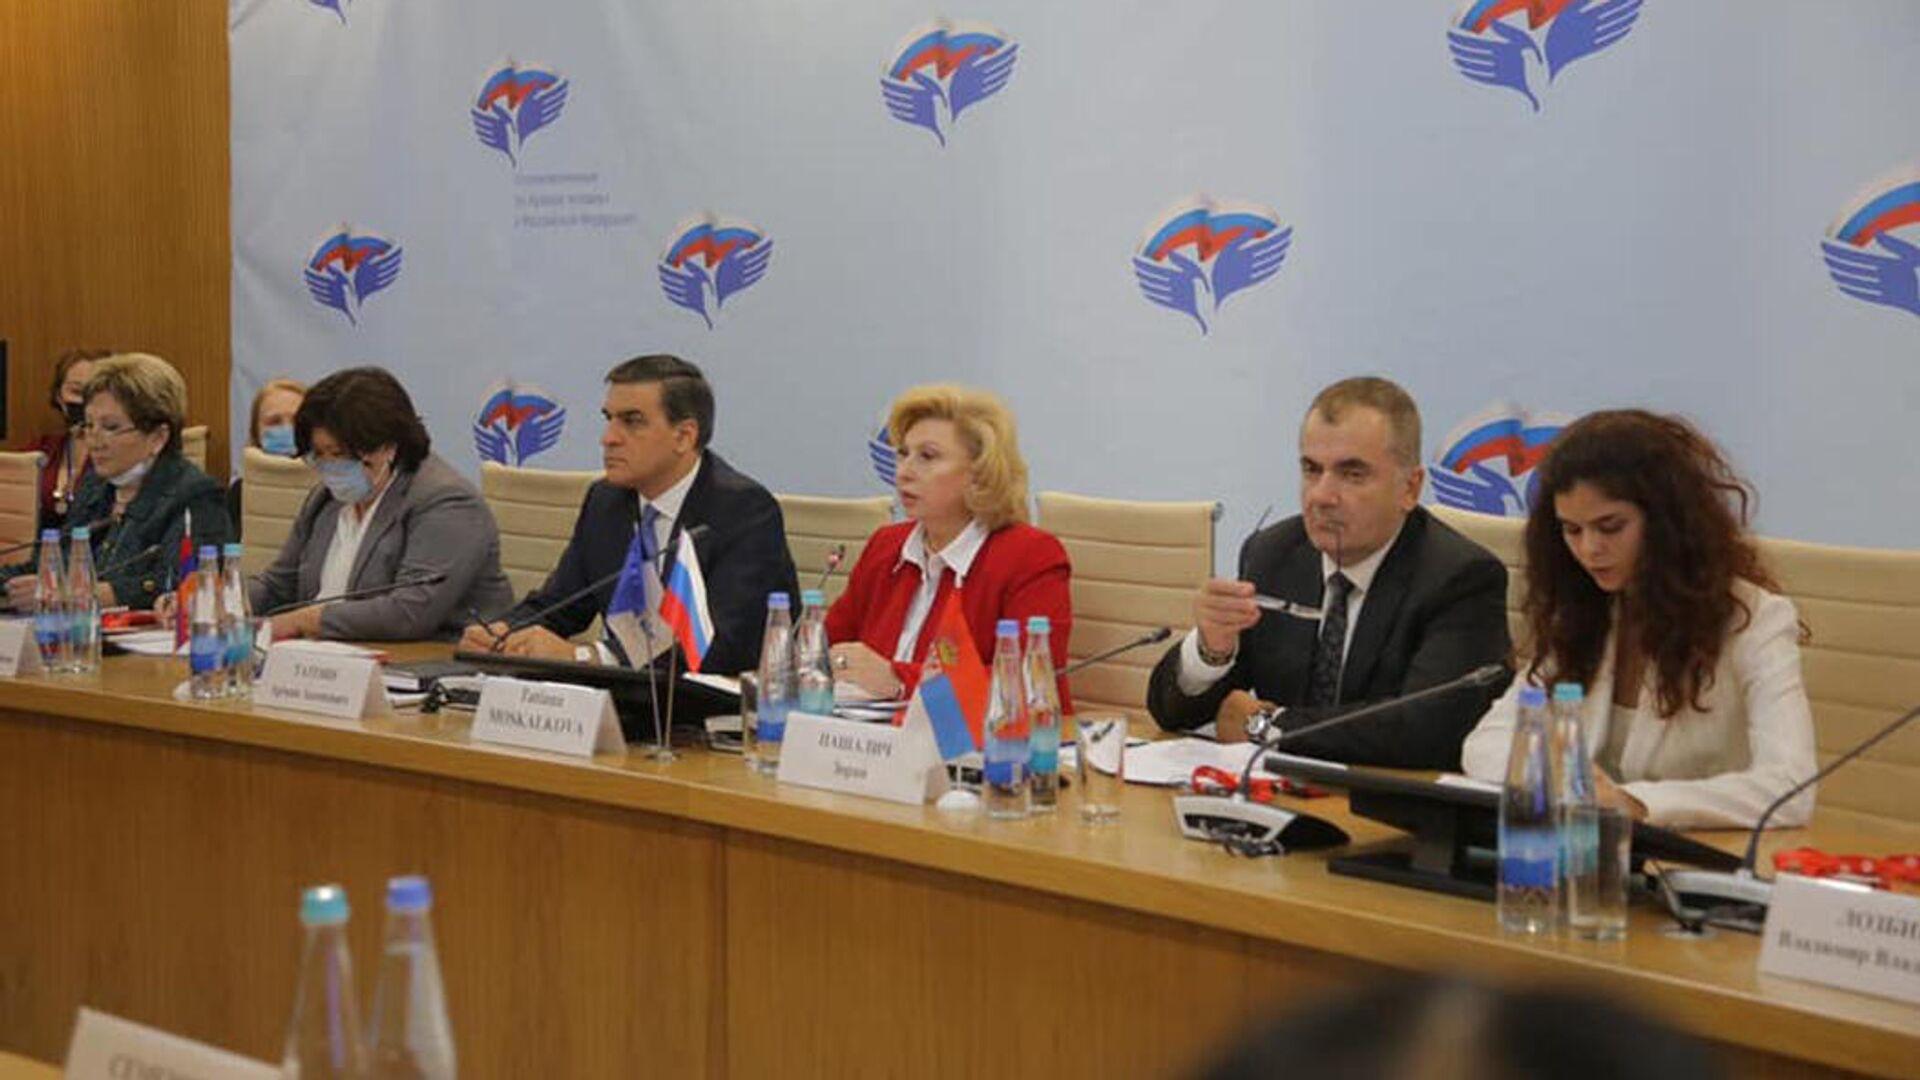 Արման Թաթոյանը սեպտեմբերի 17-19 մասնակցել է ՌԴ Պետական դումայի ընտրությունների դիտարկմանը՝ որպես միջազգային փորձագետ: - Sputnik Արմենիա, 1920, 22.09.2021